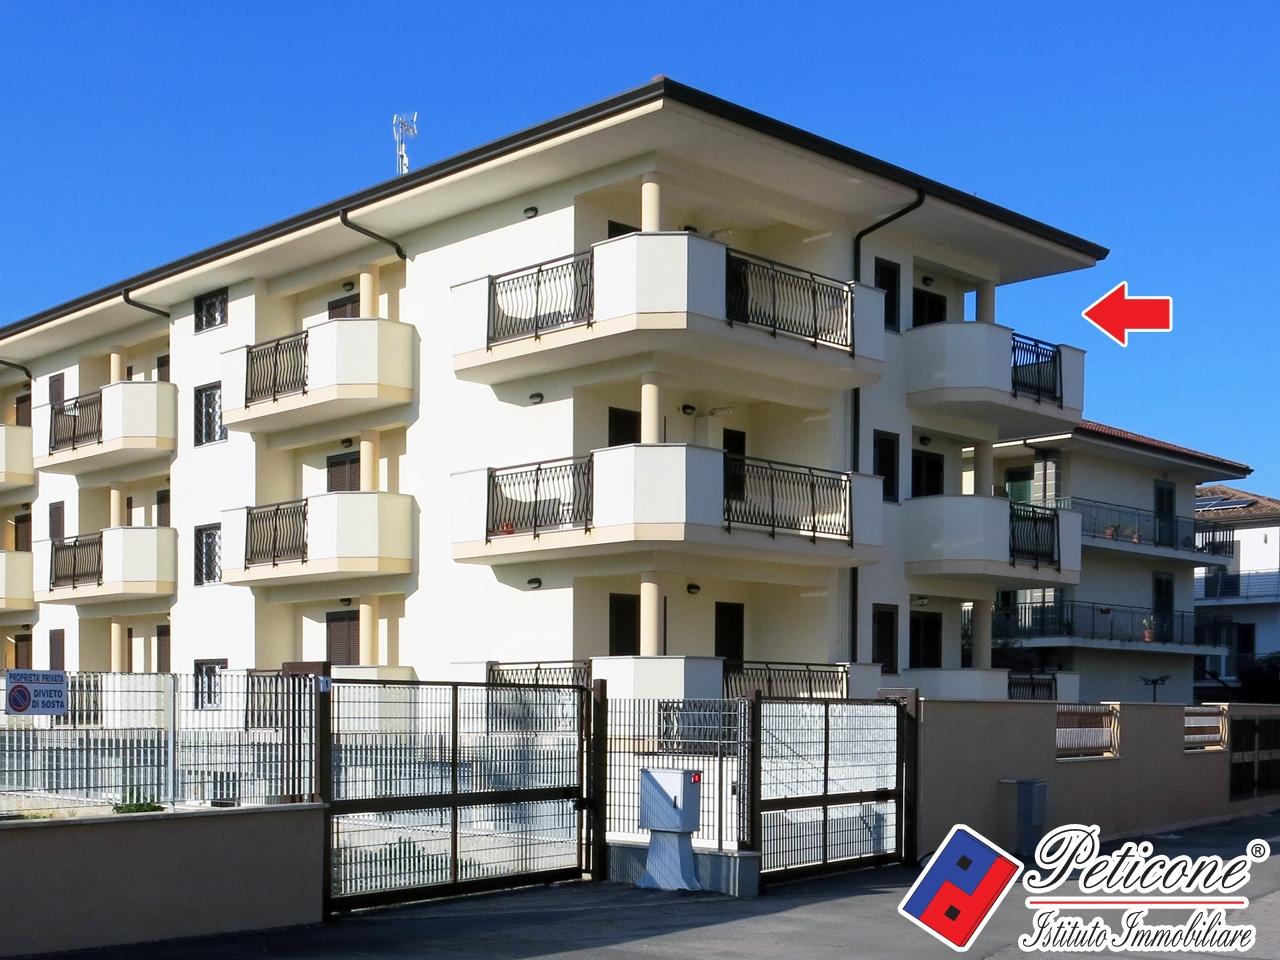 Appartamento in vendita a fondi cod f570 int a6 for Garage con soffitta